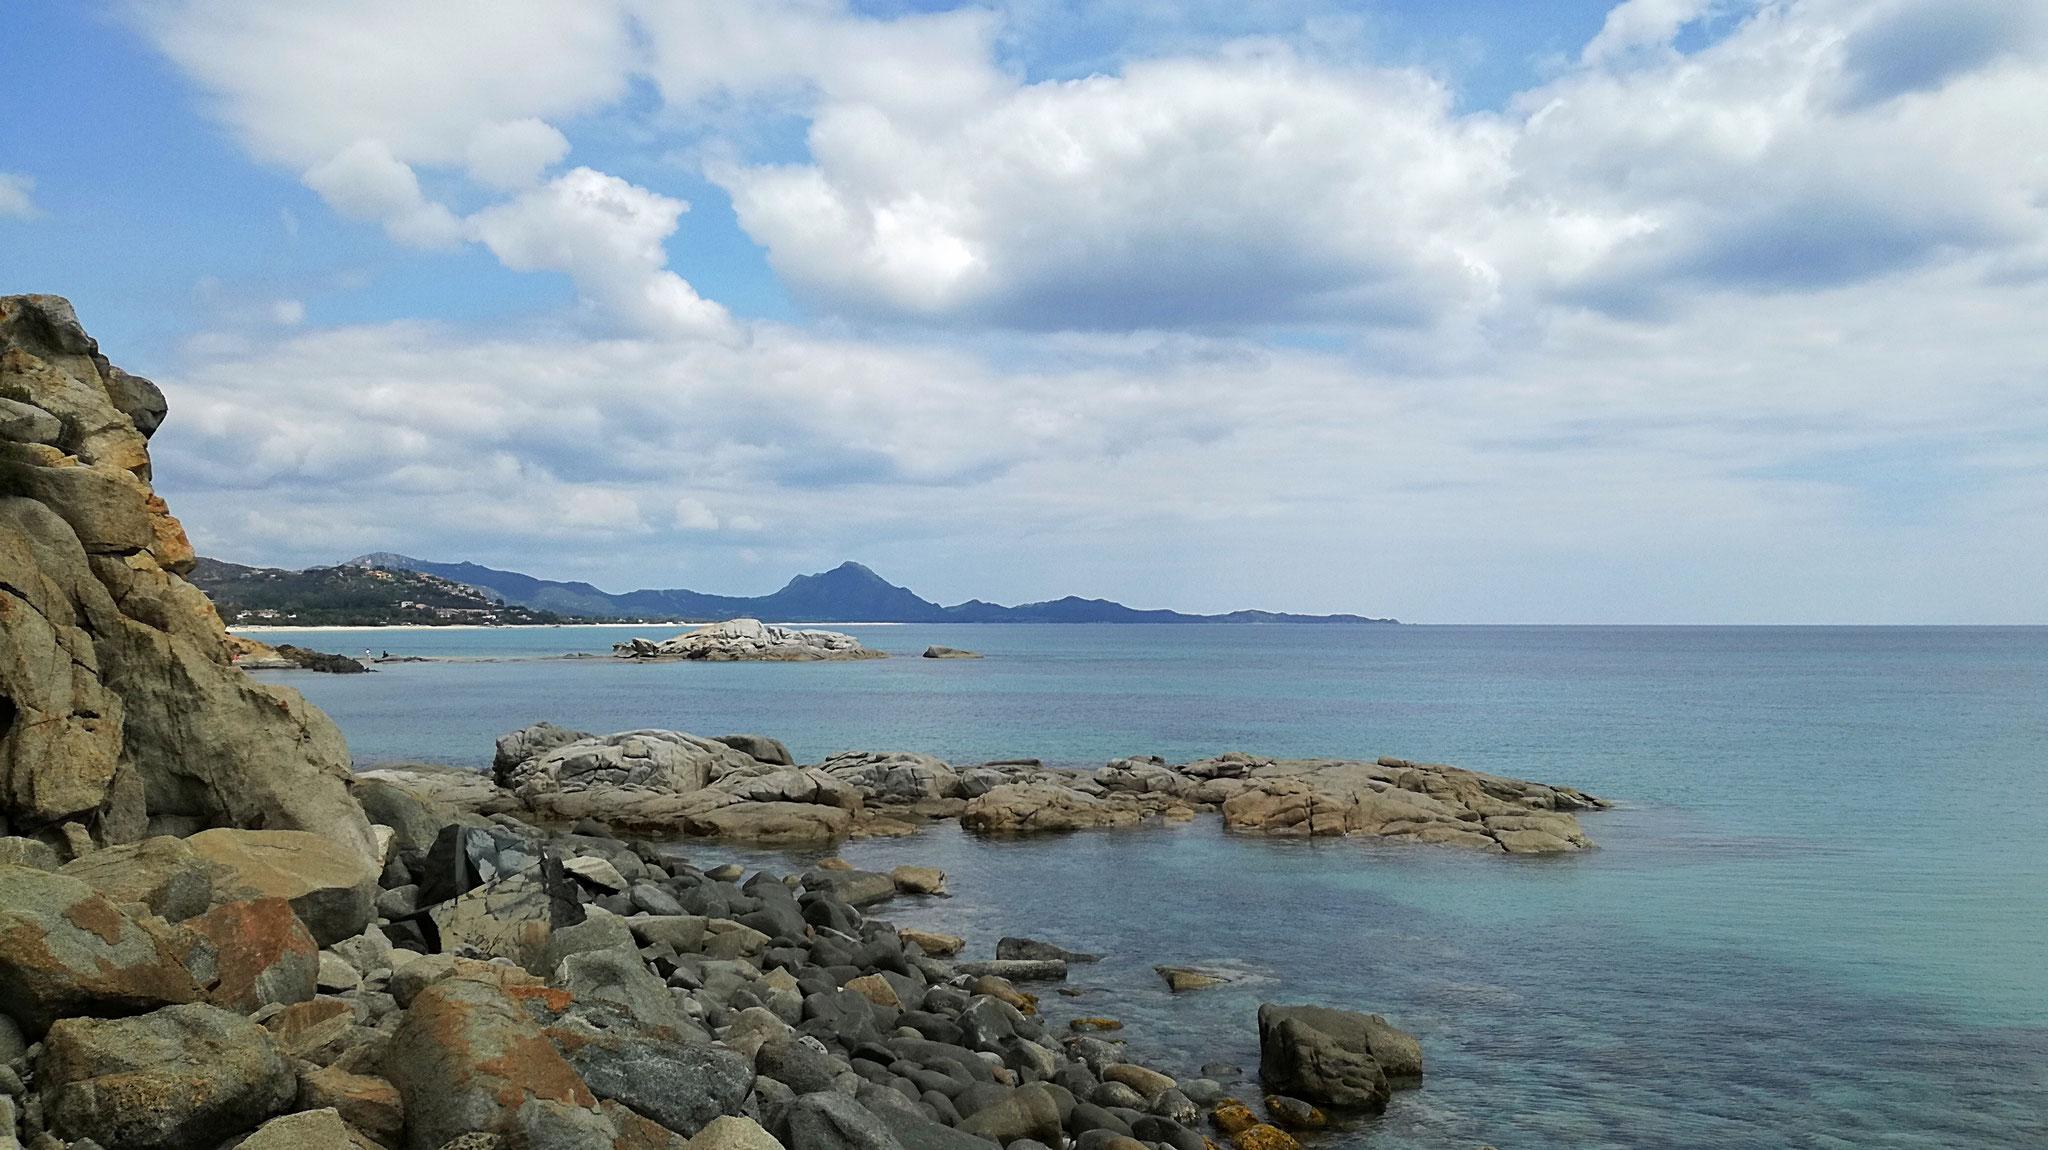 Aussichtspunkt auf die Costa Rei